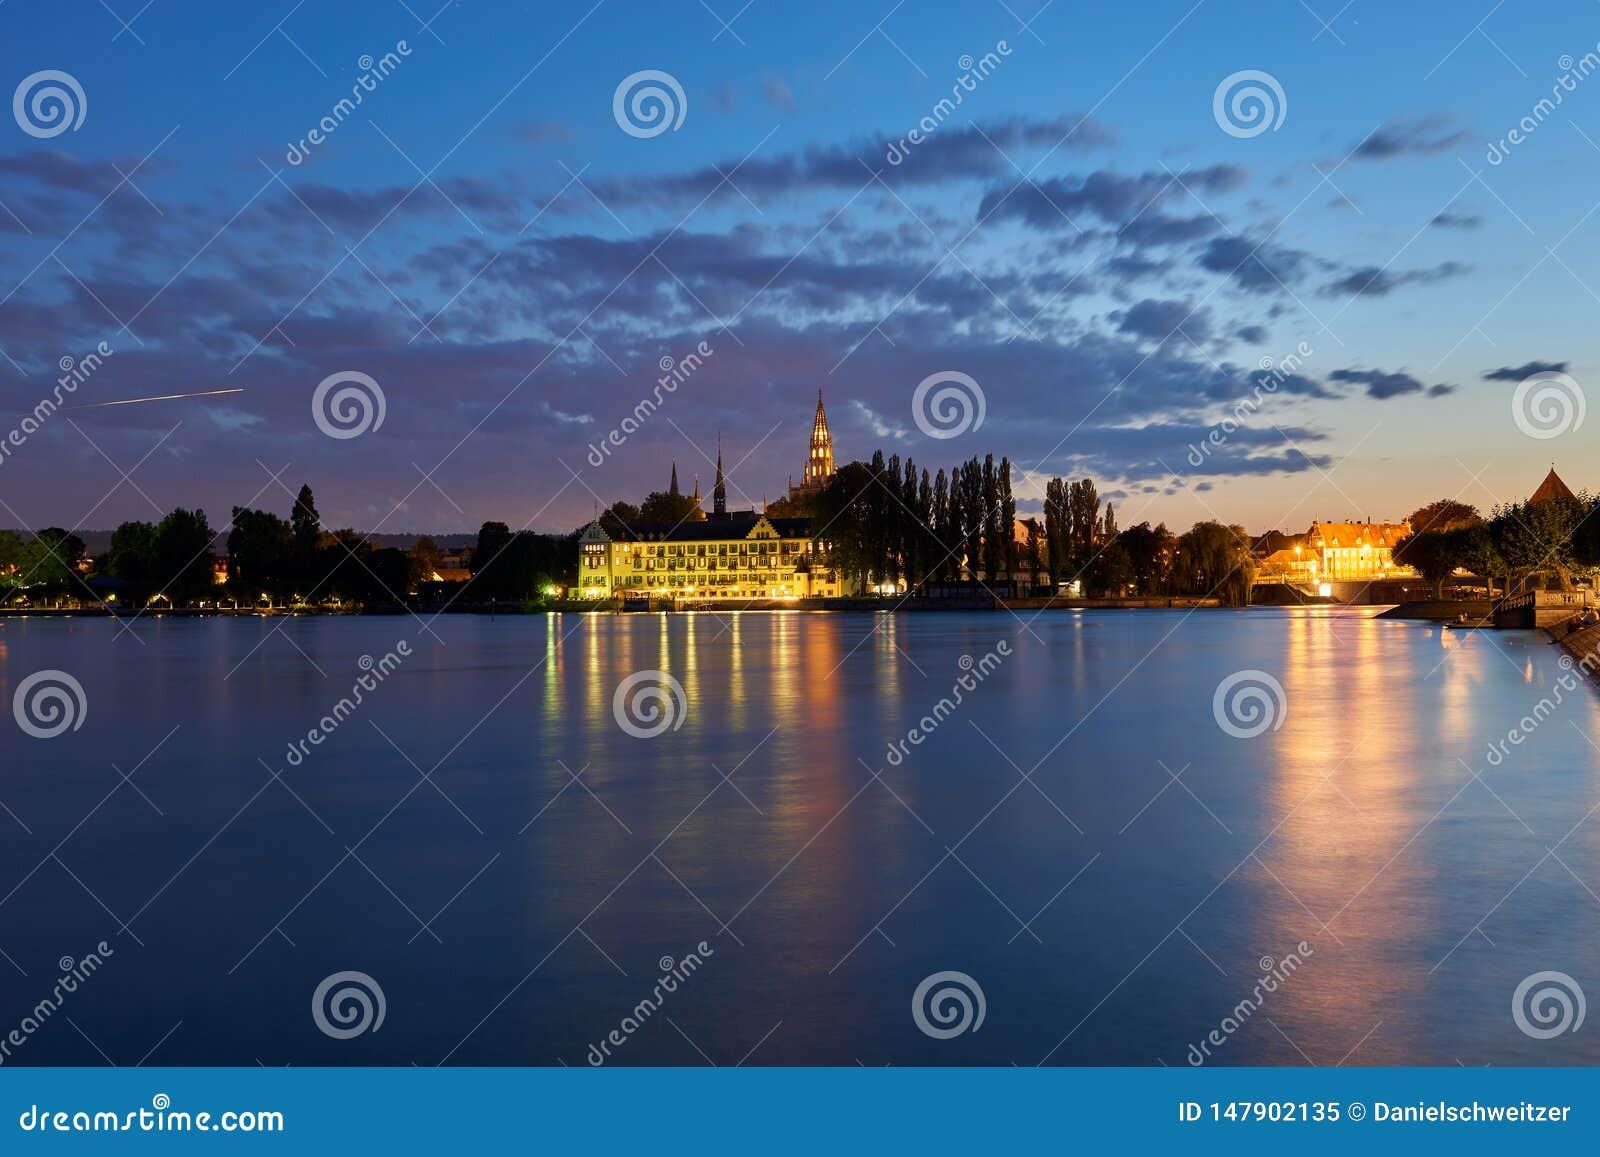 Jezioro Constance, patrzeje miasto, hotel katedra